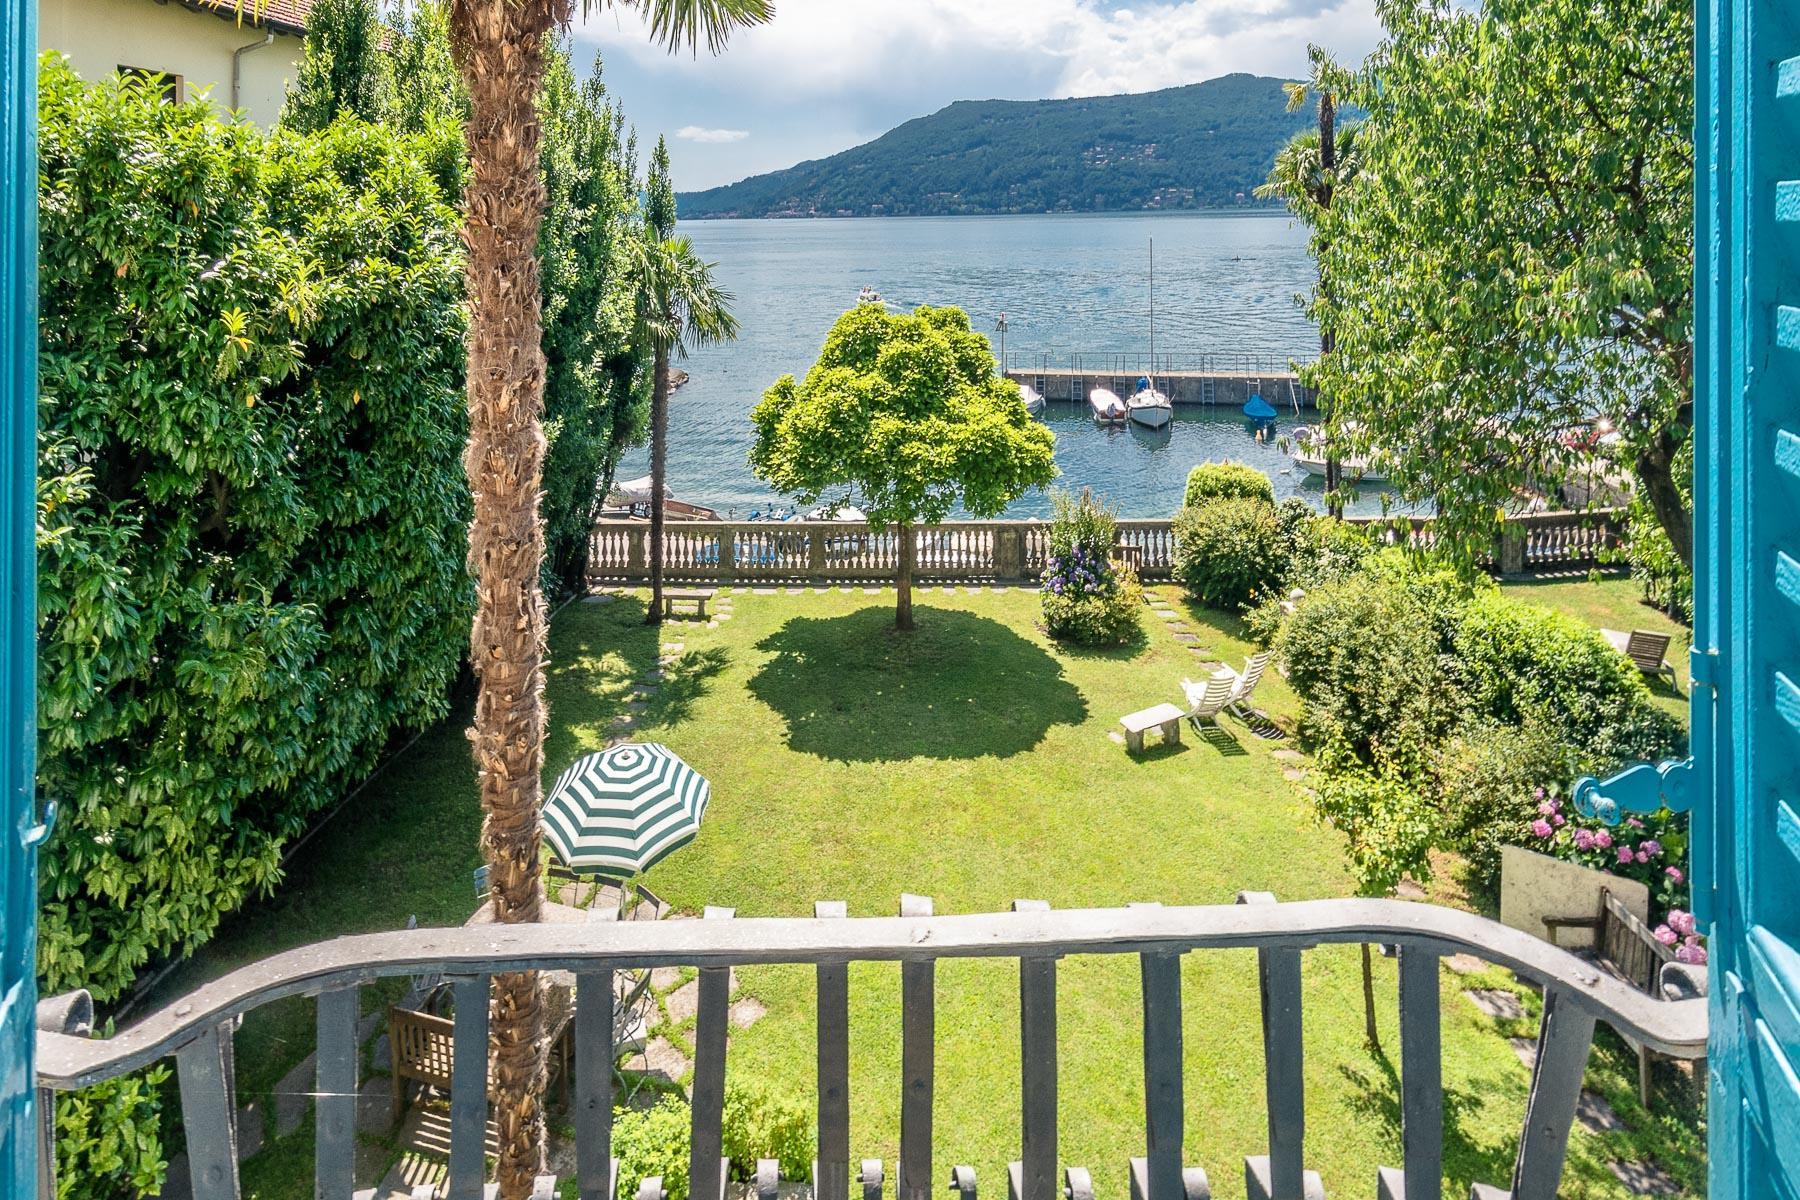 Casa storica direttamente sul lago Maggiore - 41